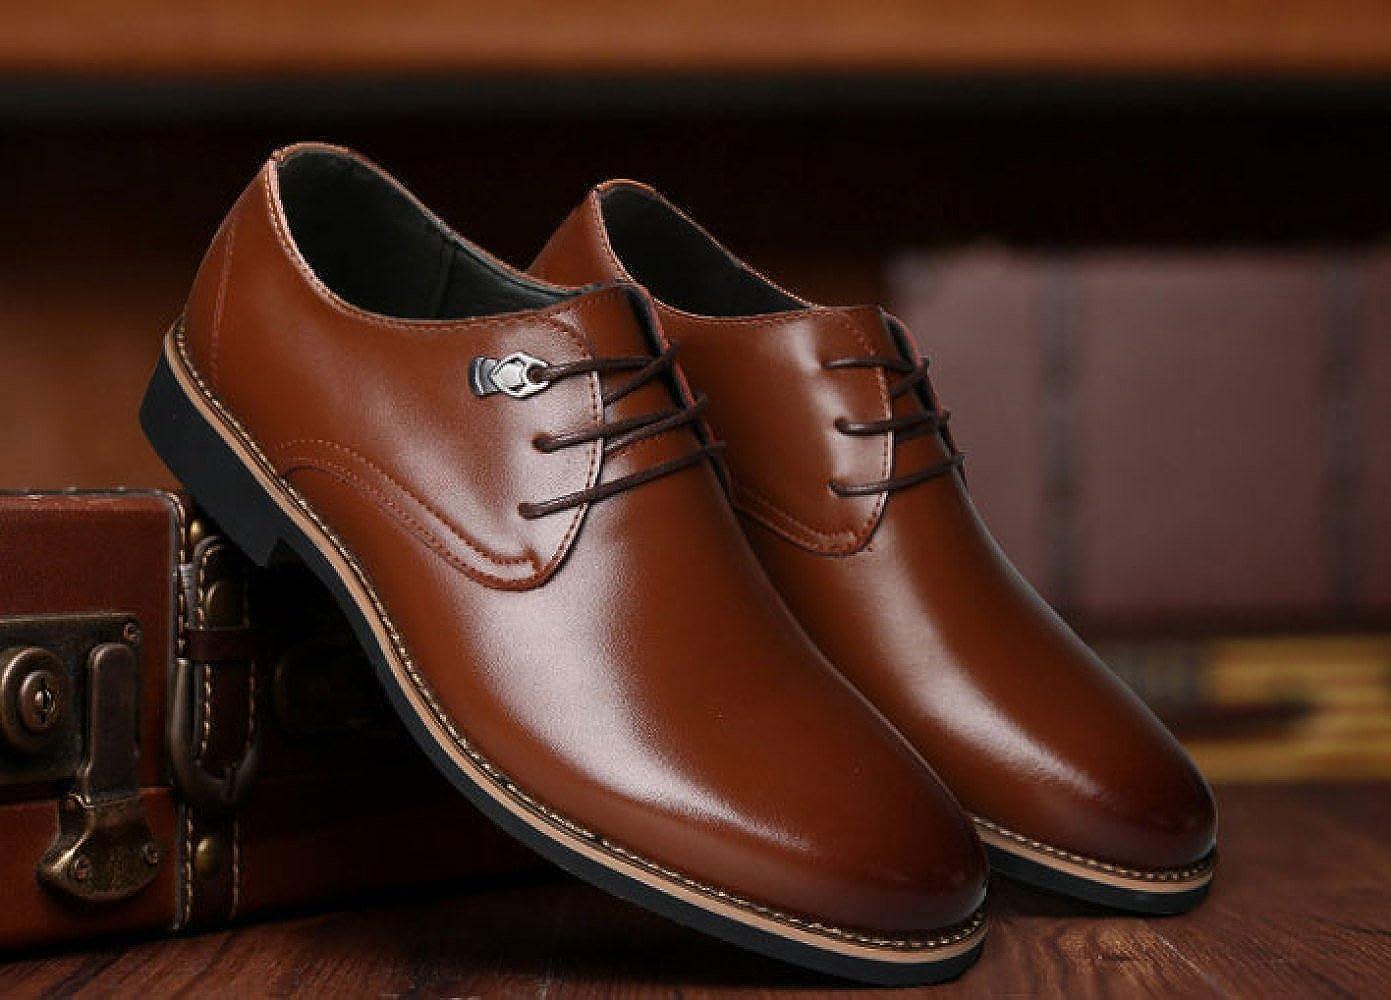 LEDLFIE Herren Lederschuhe Business Lederschuhe Formelle Kleidung Herrenschuhe Casual Casual Casual Wear Schuhe 359f61